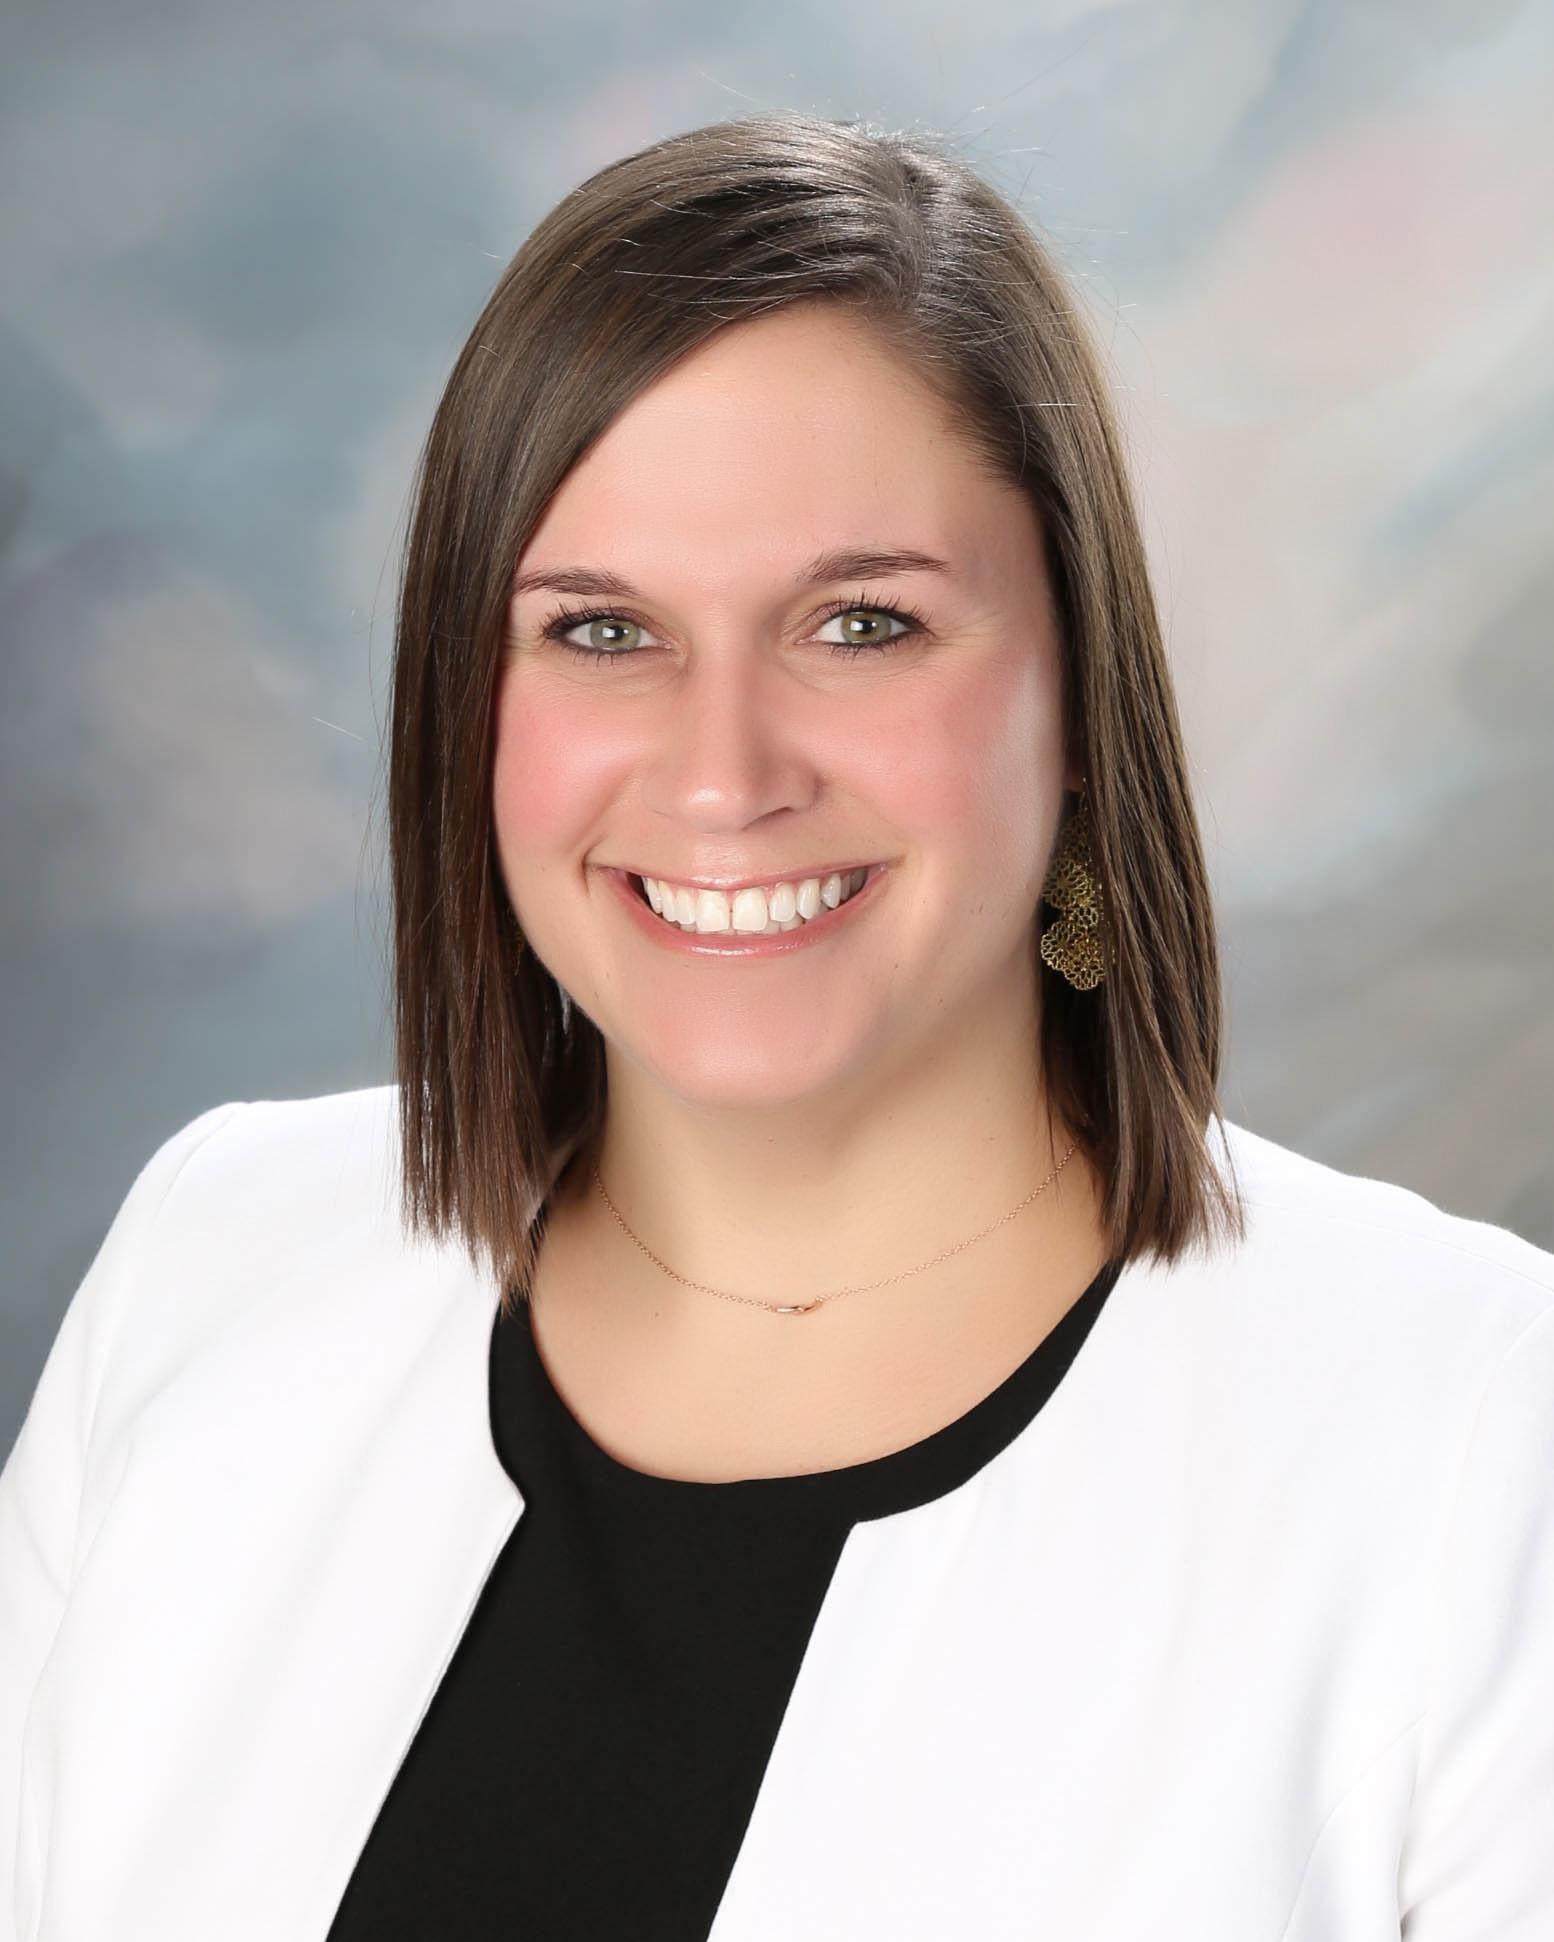 Stephanie Hirsch